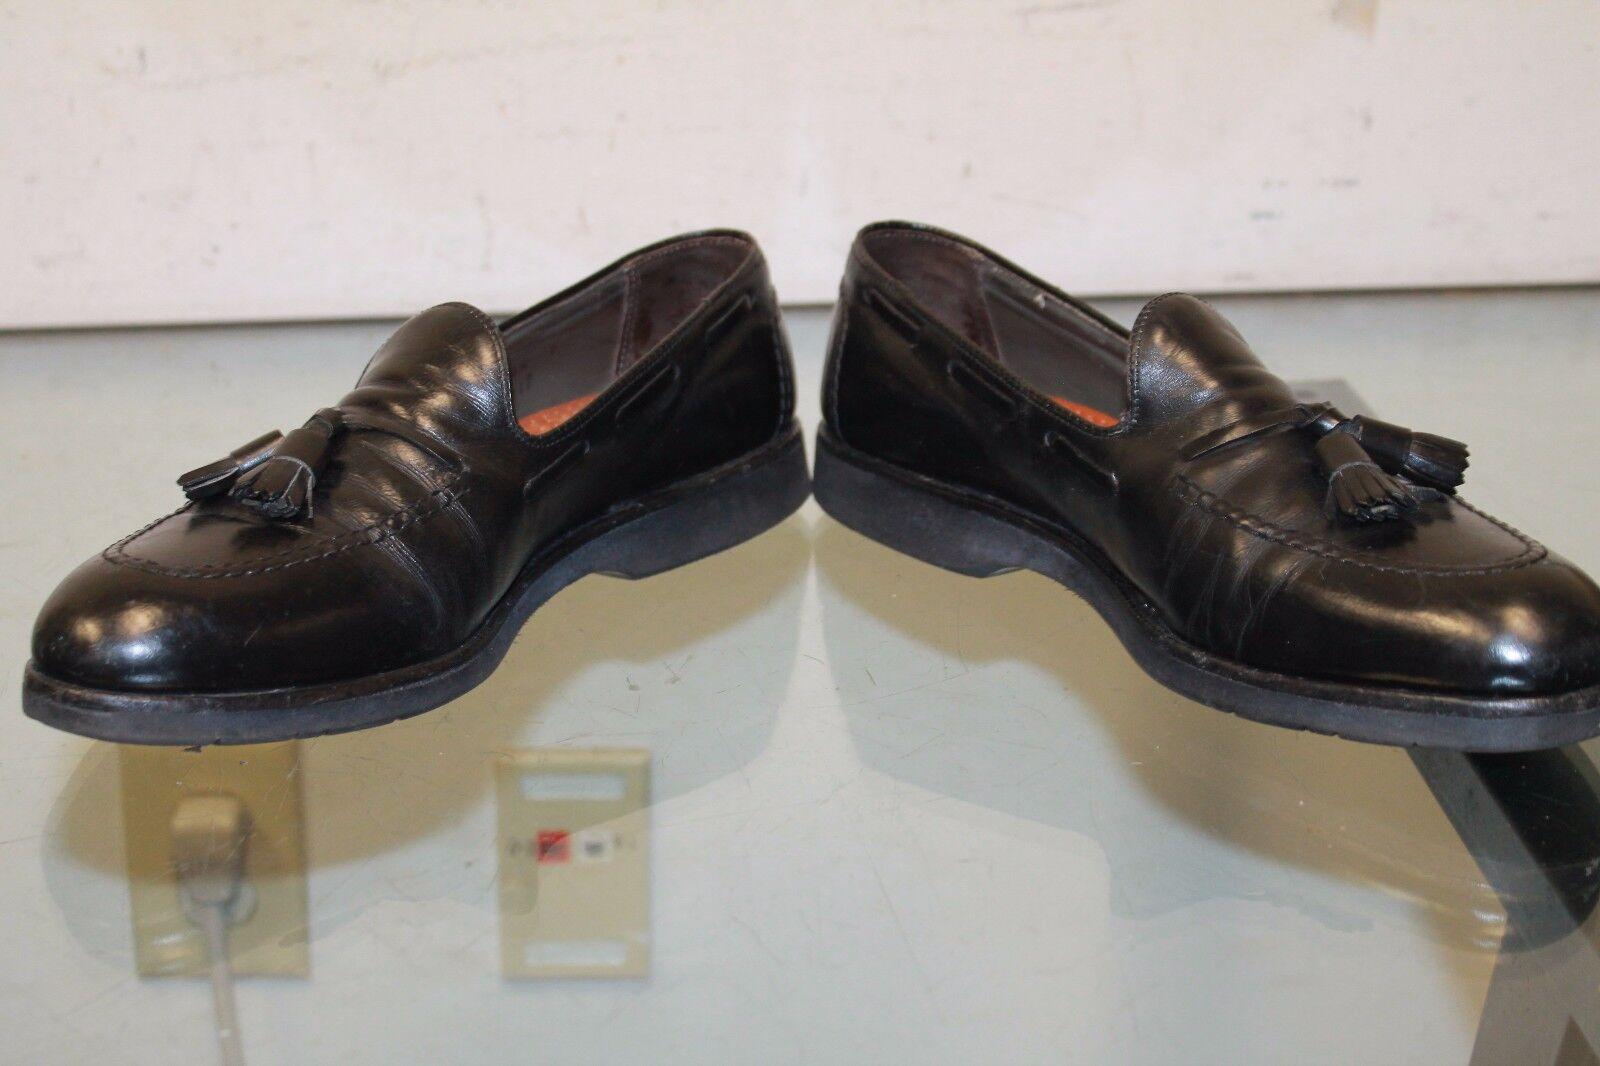 Bally Italia Doble Flecos Borla Mocasín Zapatos D Excelente Estado Usado Negro para Hombre